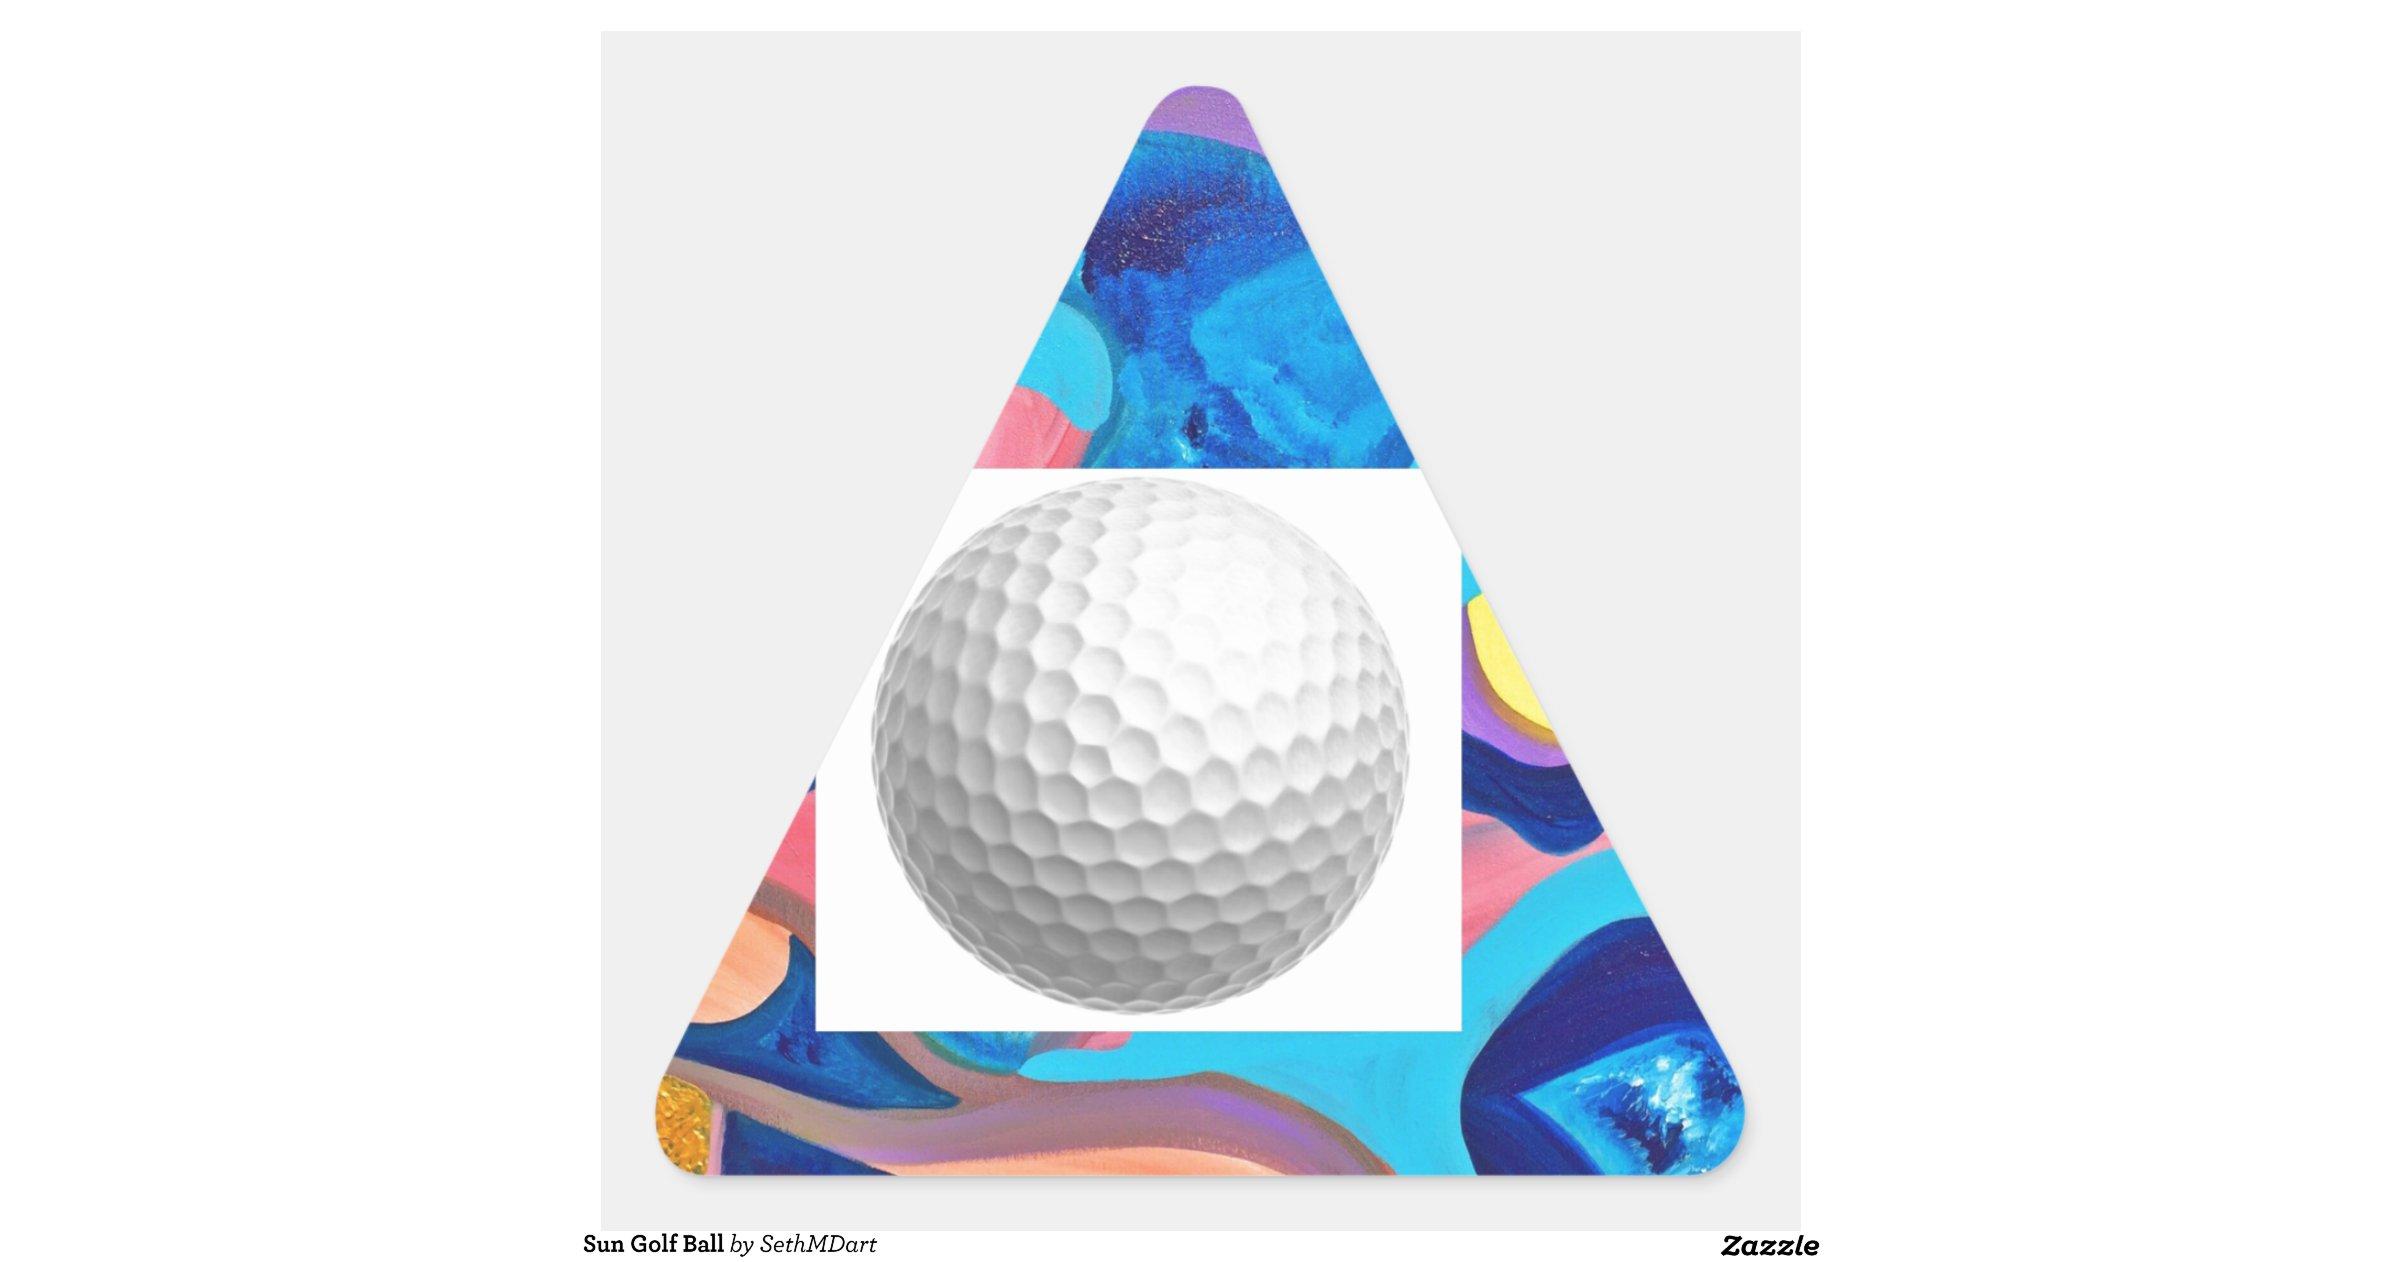 sun golf ball triangle sticker zazzle. Black Bedroom Furniture Sets. Home Design Ideas